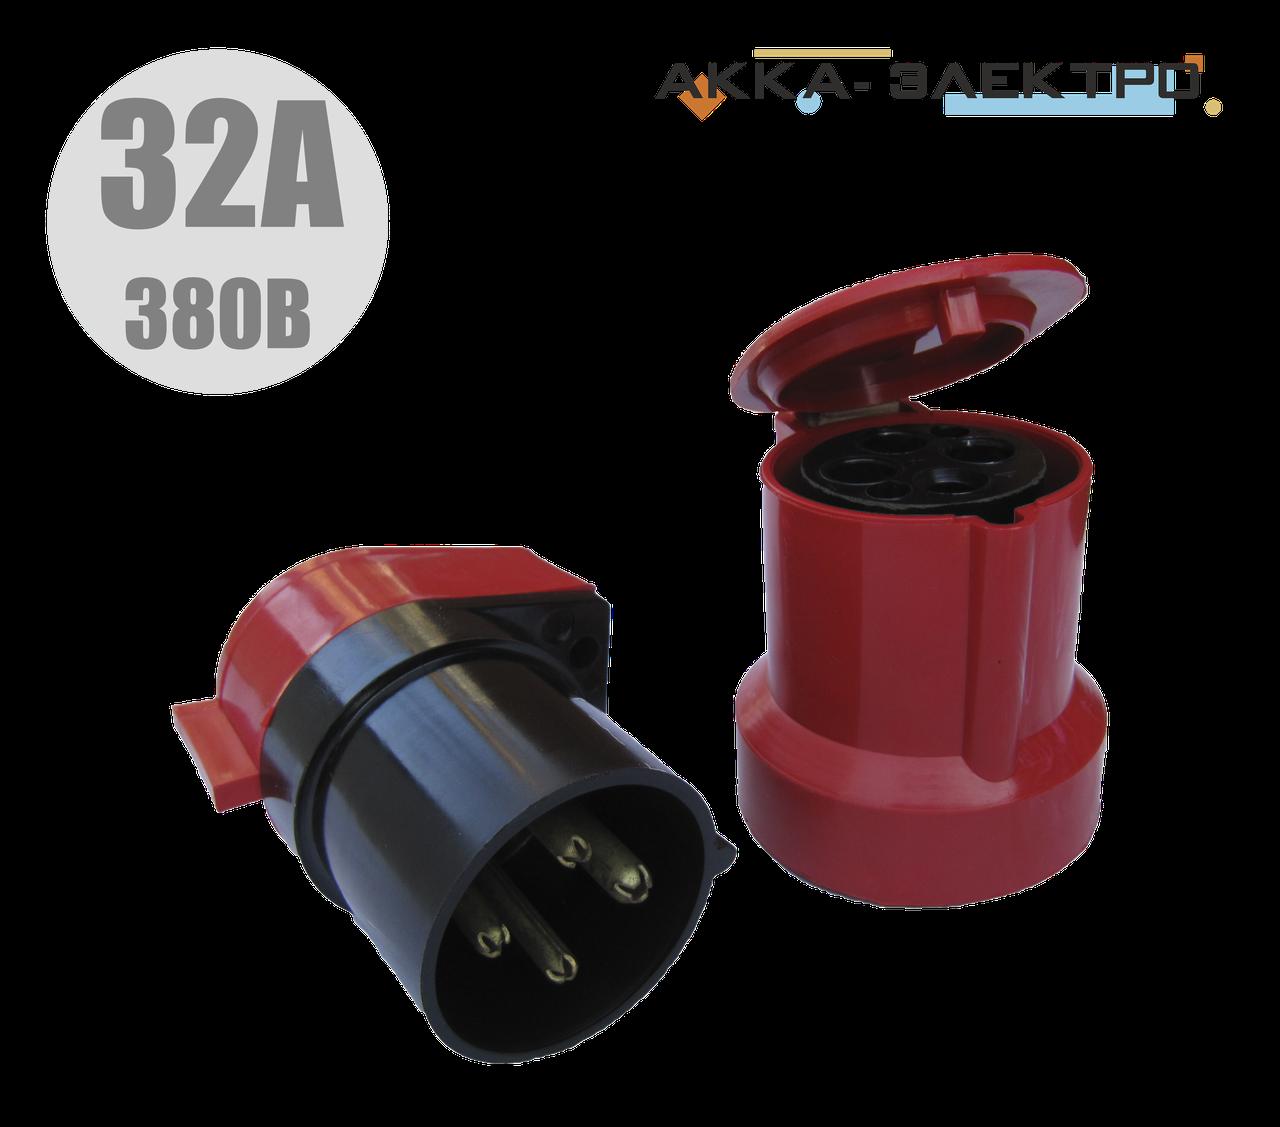 Разъем РШ/ВШ 32А 380В Красный (ЛАТУНЬ)